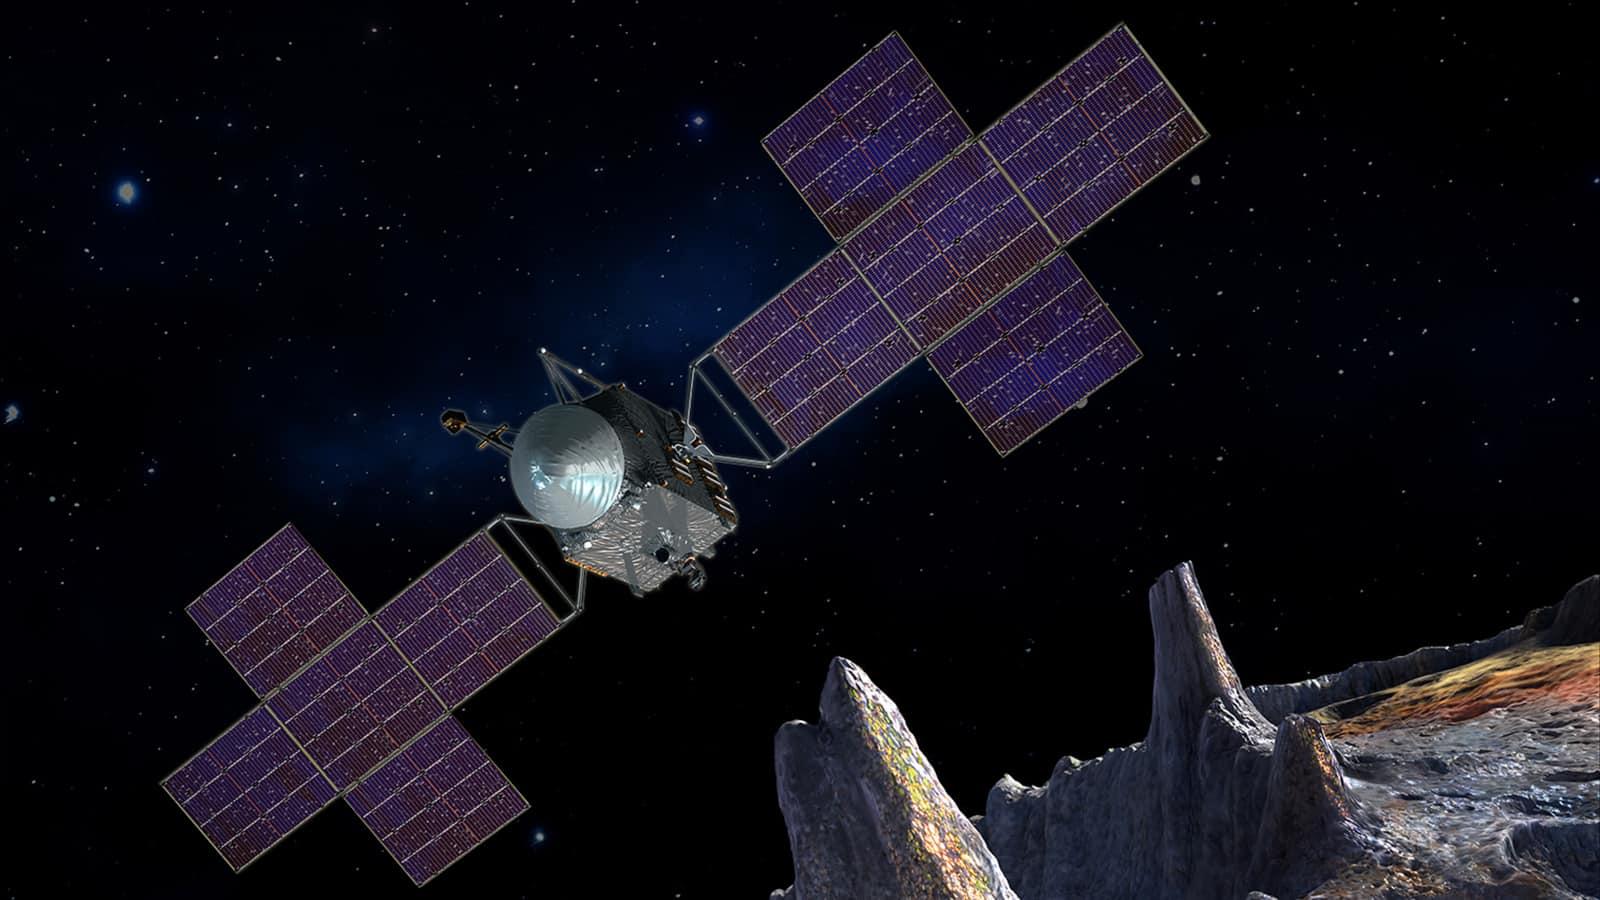 Avec son or et ses métaux précieux, un astéroïde est dans le viseur de la Nasa